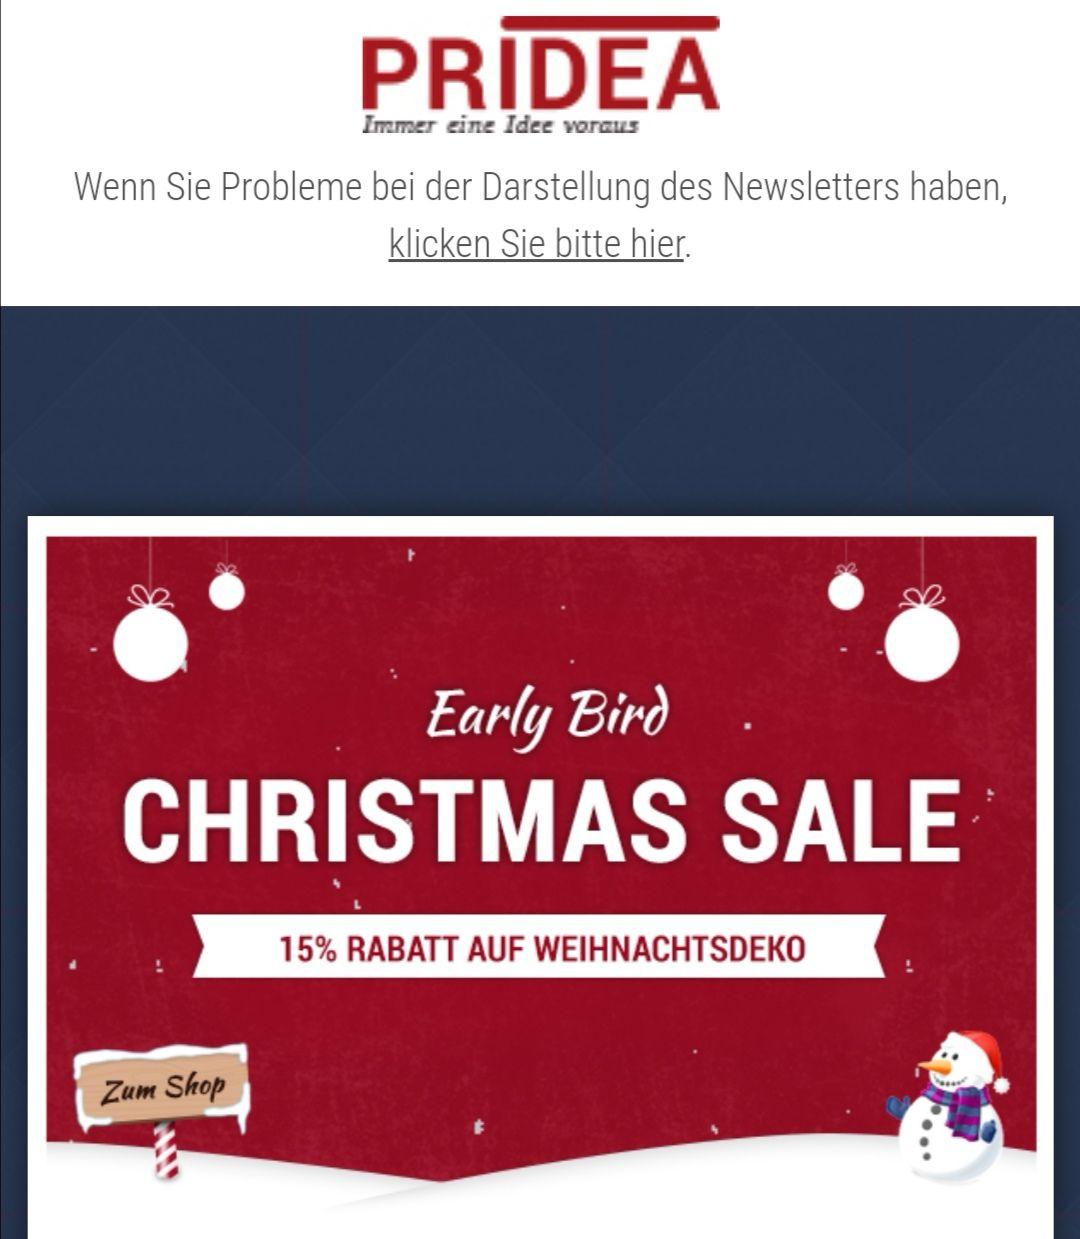 Pridea - 15% Rabatt auf Weihnachtsdeko-Sortiment